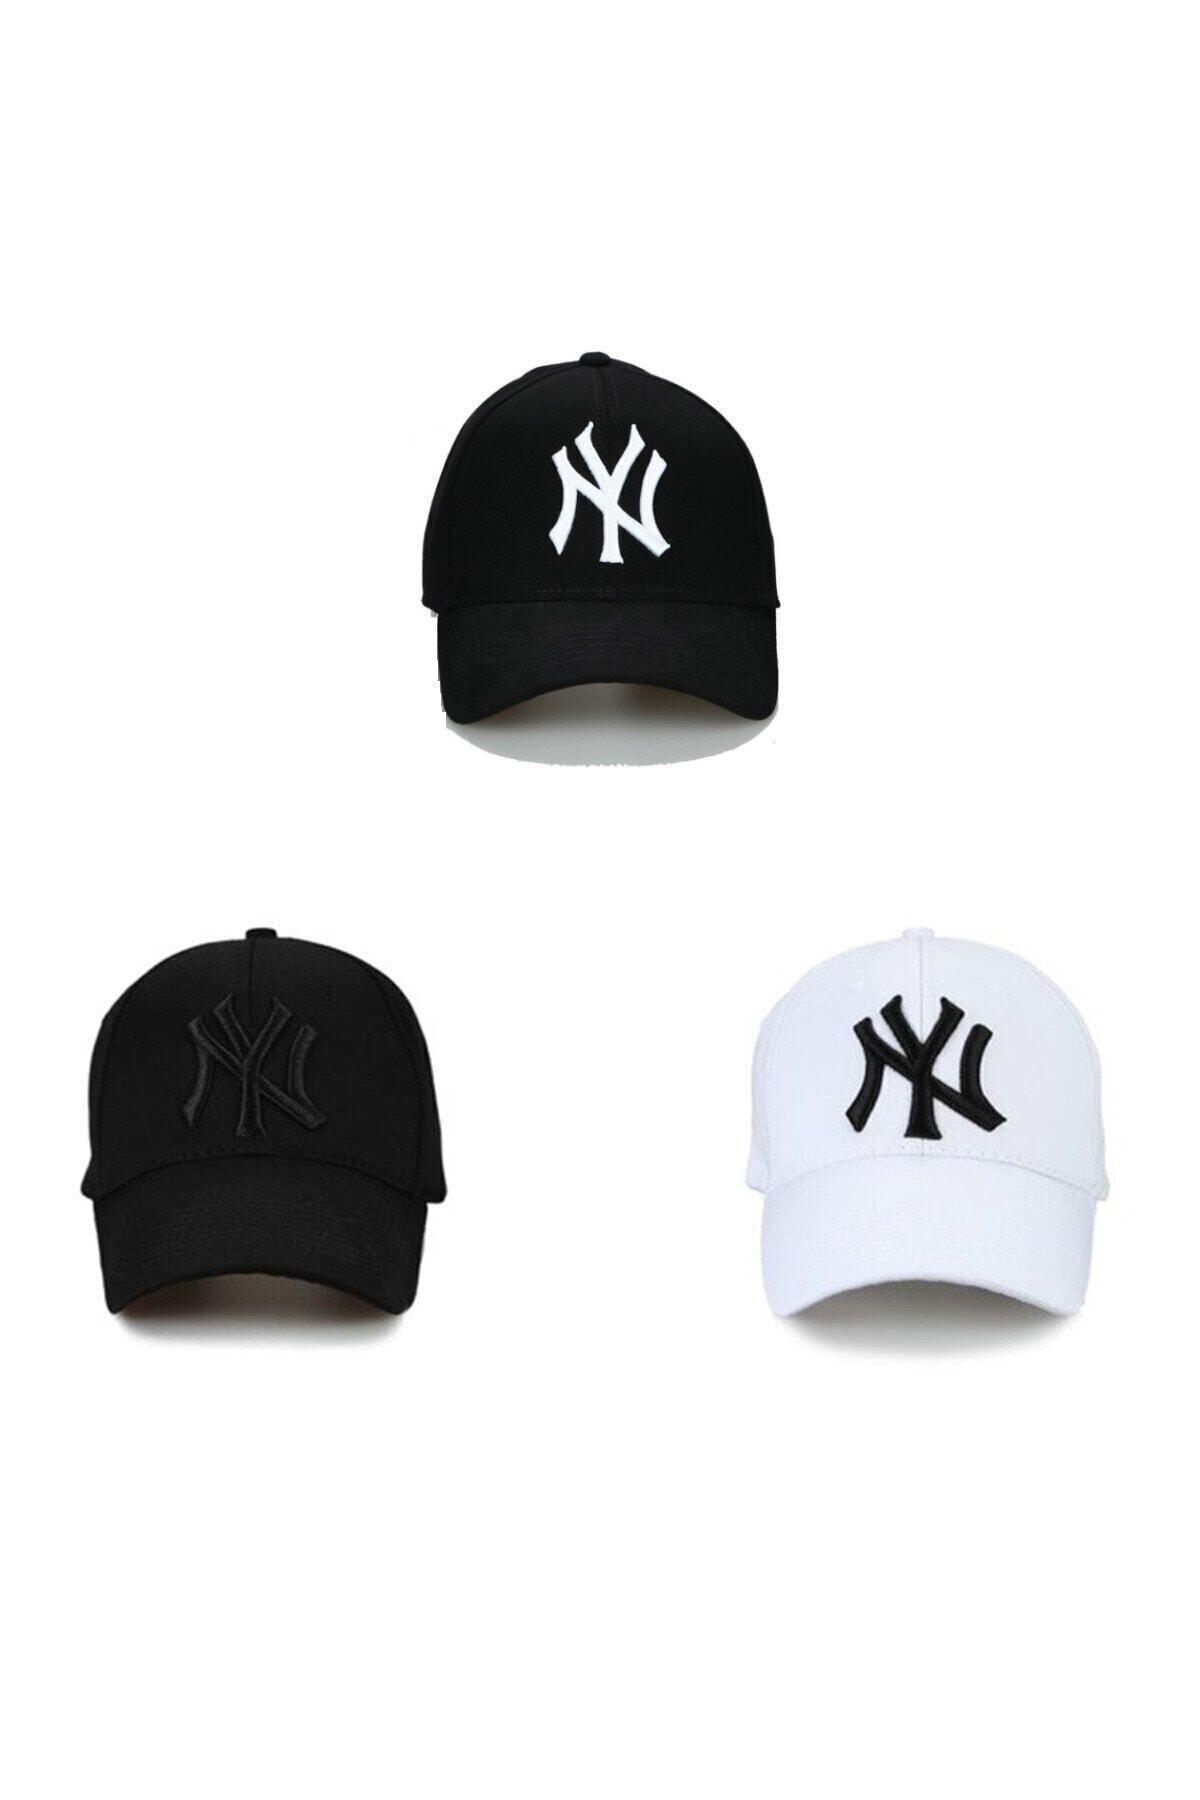 NuxFah Unisex Siyah Ny Şapka 3'lü Set 1